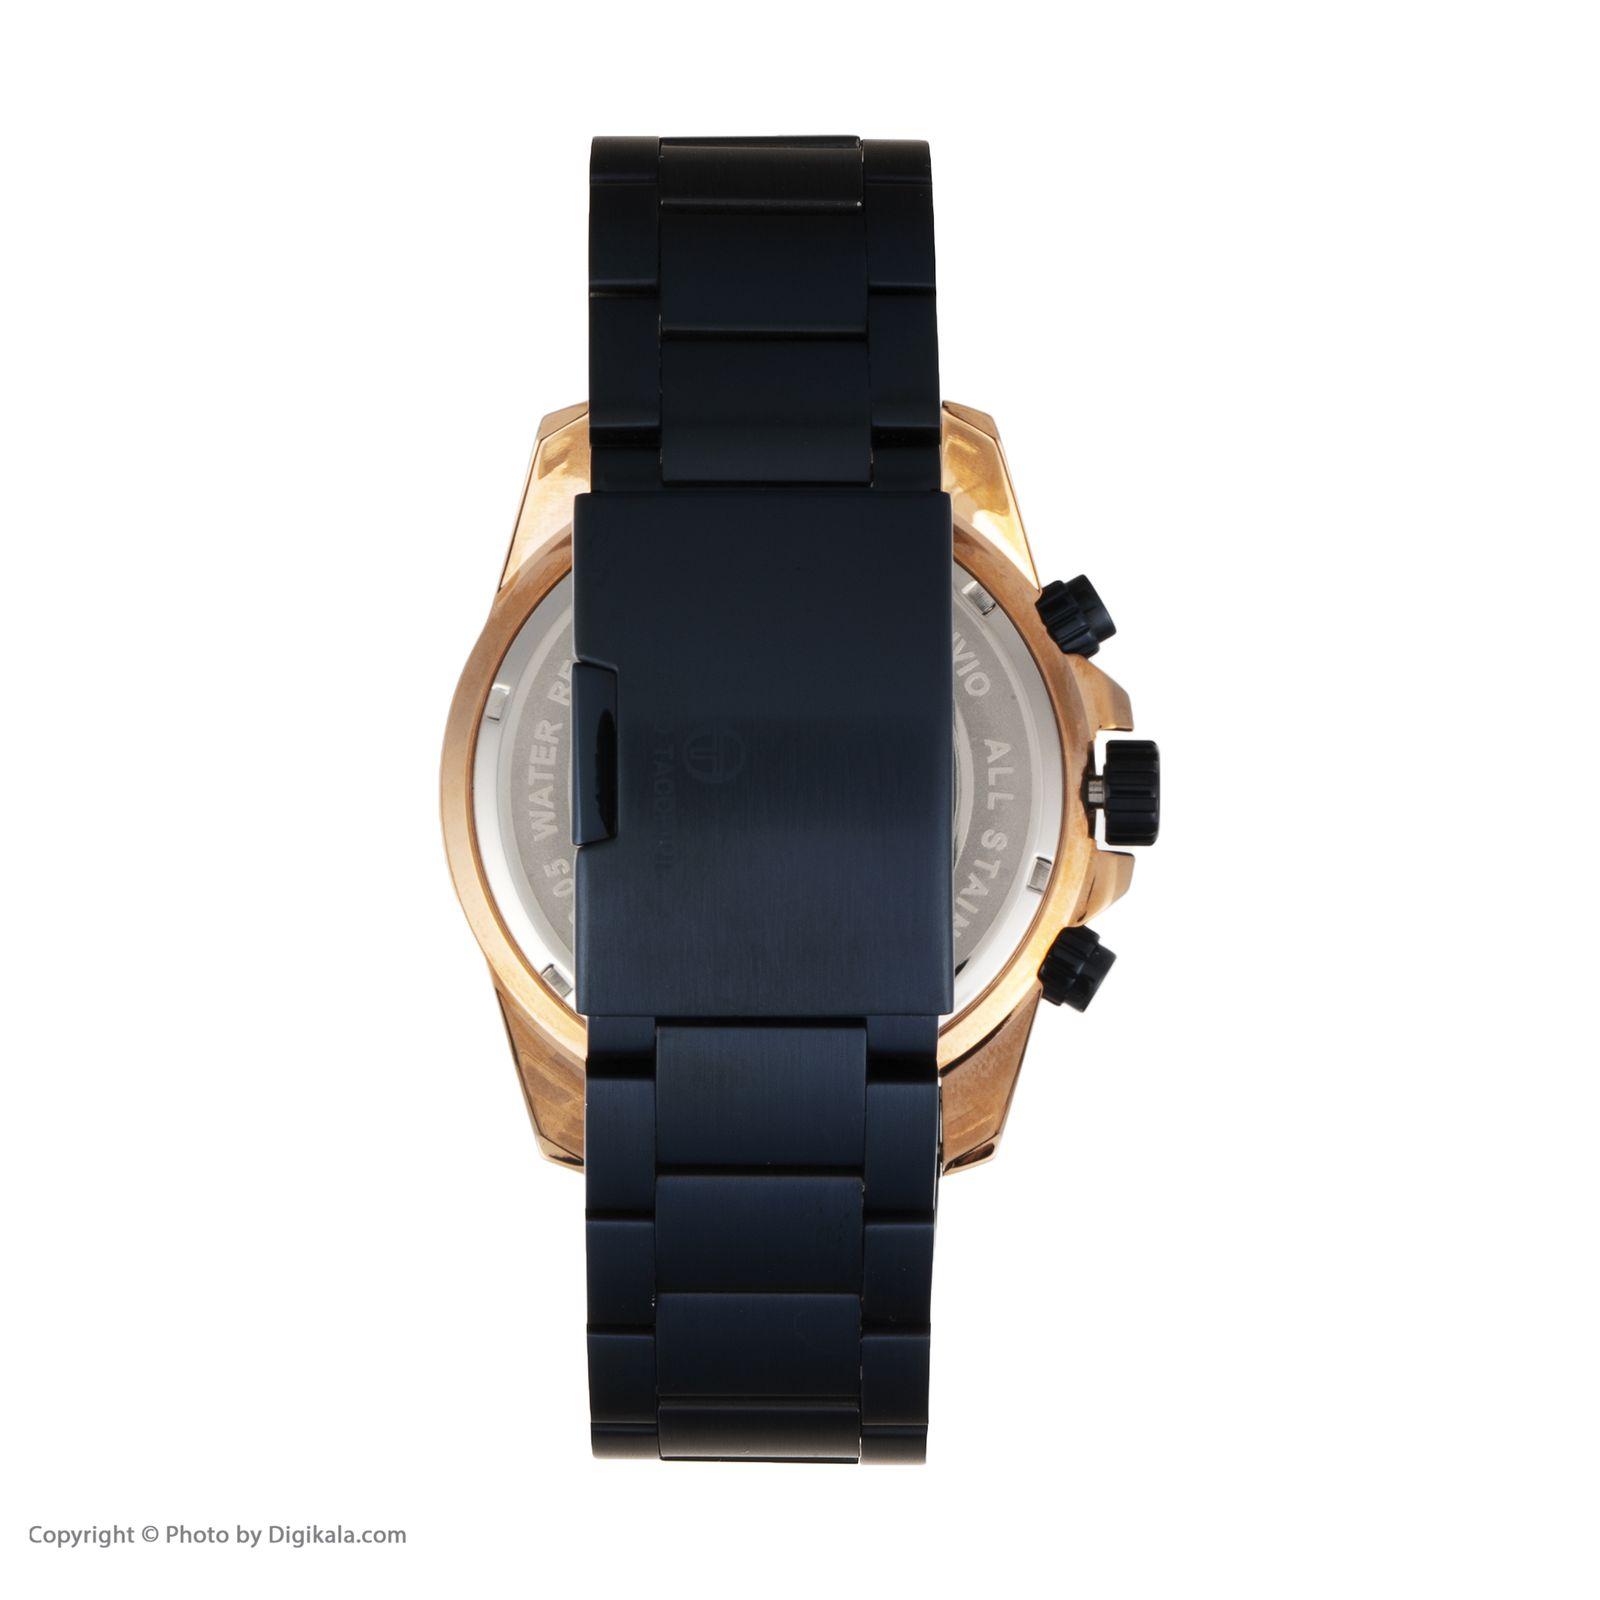 ساعت مچی عقربه ای مردانه سرجیو تاچینی مدل ST.5.170.05 -  - 2